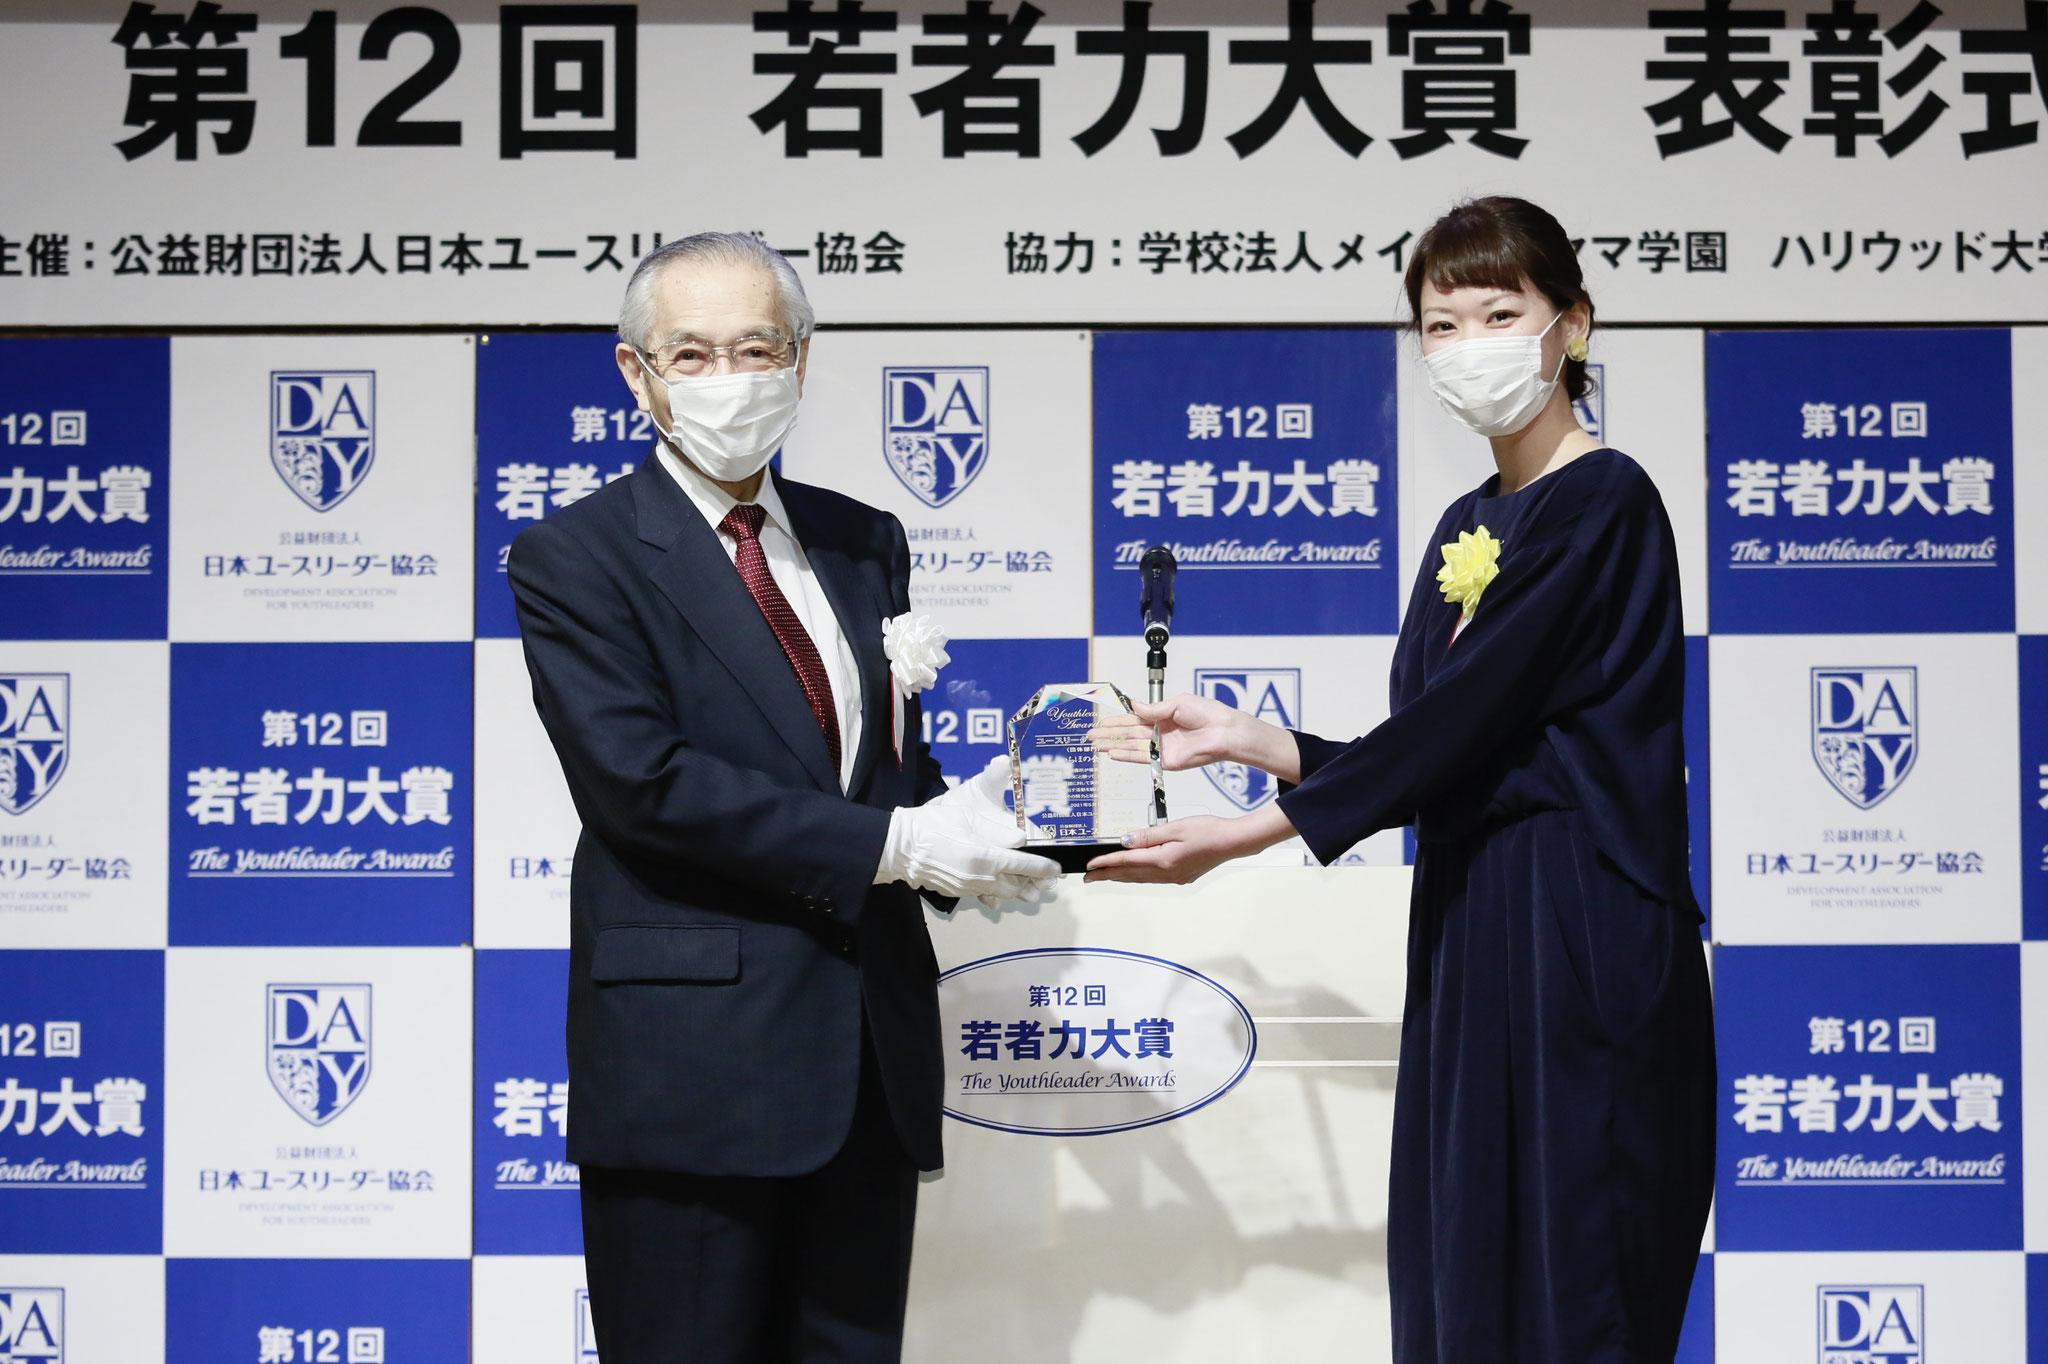 左:山中審査委員 右:ユースリーダー支援賞・団体部門受賞 いちほの会 代表 藤田琴子さん